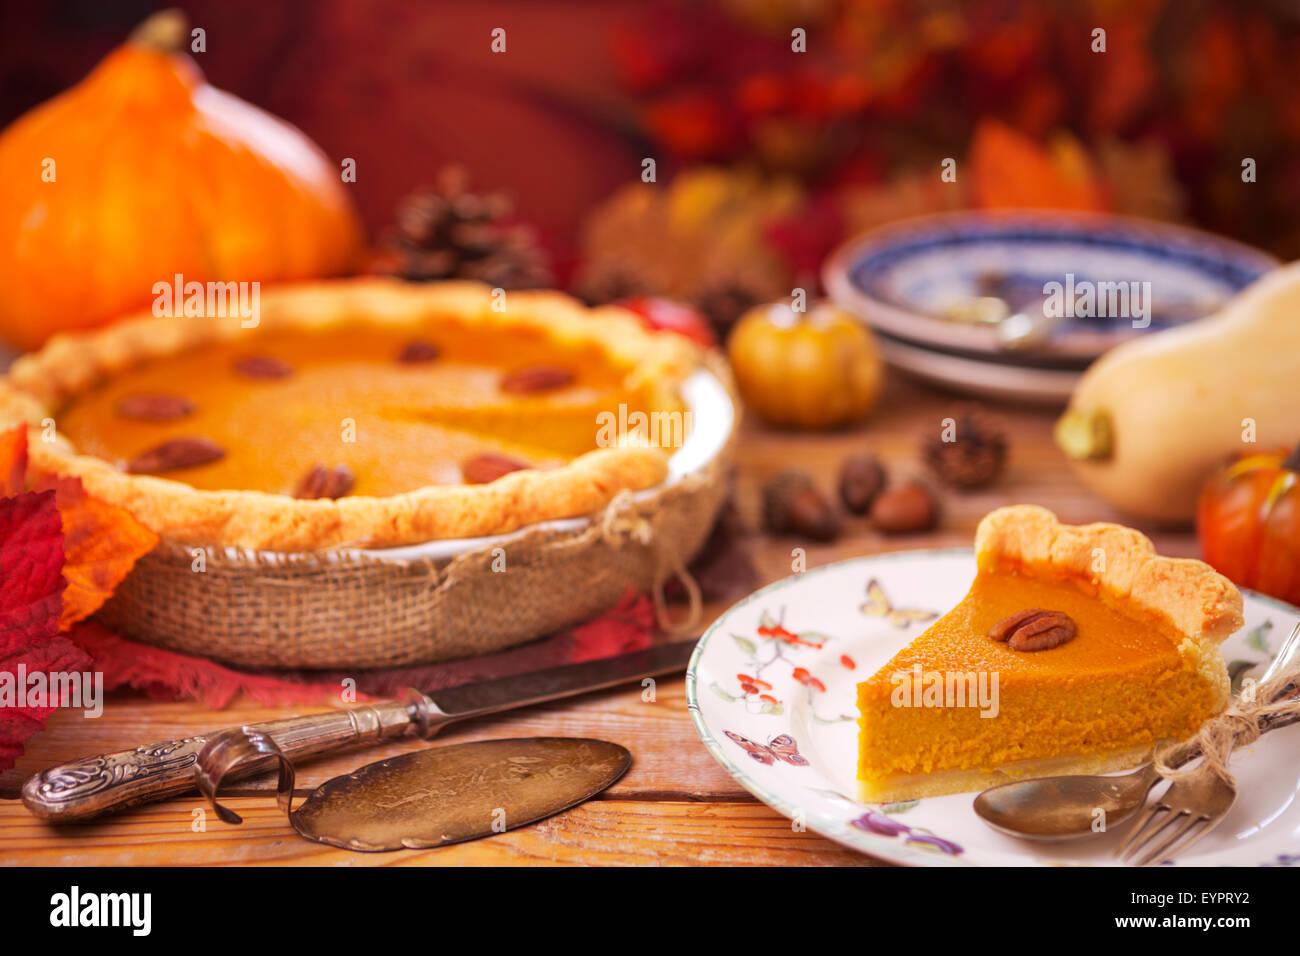 In casa torta di zucca su un tavolo rustico con decorazioni d'autunno. Immagini Stock